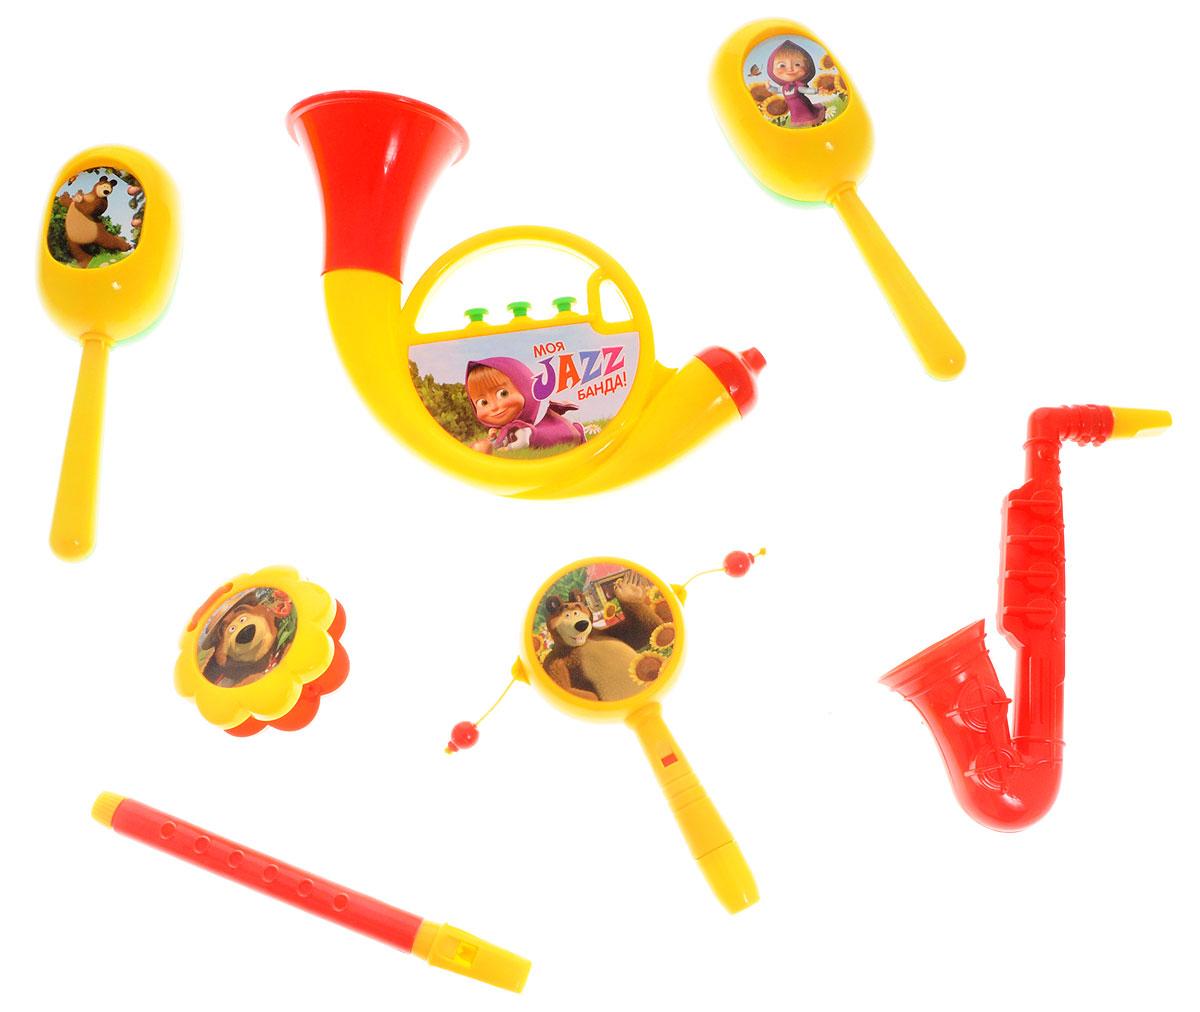 Маша и Медведь Набор музыкальных инструментов Моя Jazz банда 7 предметовGT7645Уже с малых лет у детей может начать проявляться интерес к музыке, но настоящие инструменты малышу давать рано, поэтому лучшим решением в этой ситуации послужат детские музыкальные инструменты. Набор музыкальных инструментов Маша и Медведь Моя Jazz банда привлечет внимание вашего ребенка и позволит ему создать незабываемый концерт. В набор входят семь видов музыкальных инструментов. Если пригласить друзей, то можно составить небольшой оркестр. Игра на музыкальных инструментах способствует развитию координации движений, ловкости, тактильных ощущений, моторики рук, слуха, прививает с детства любовь к музыке.